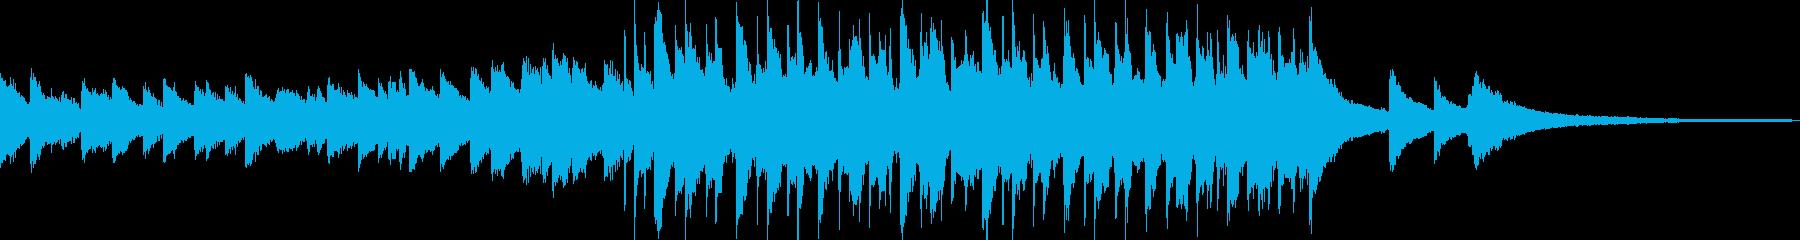 爽やかなピアノから始まるジングルの再生済みの波形